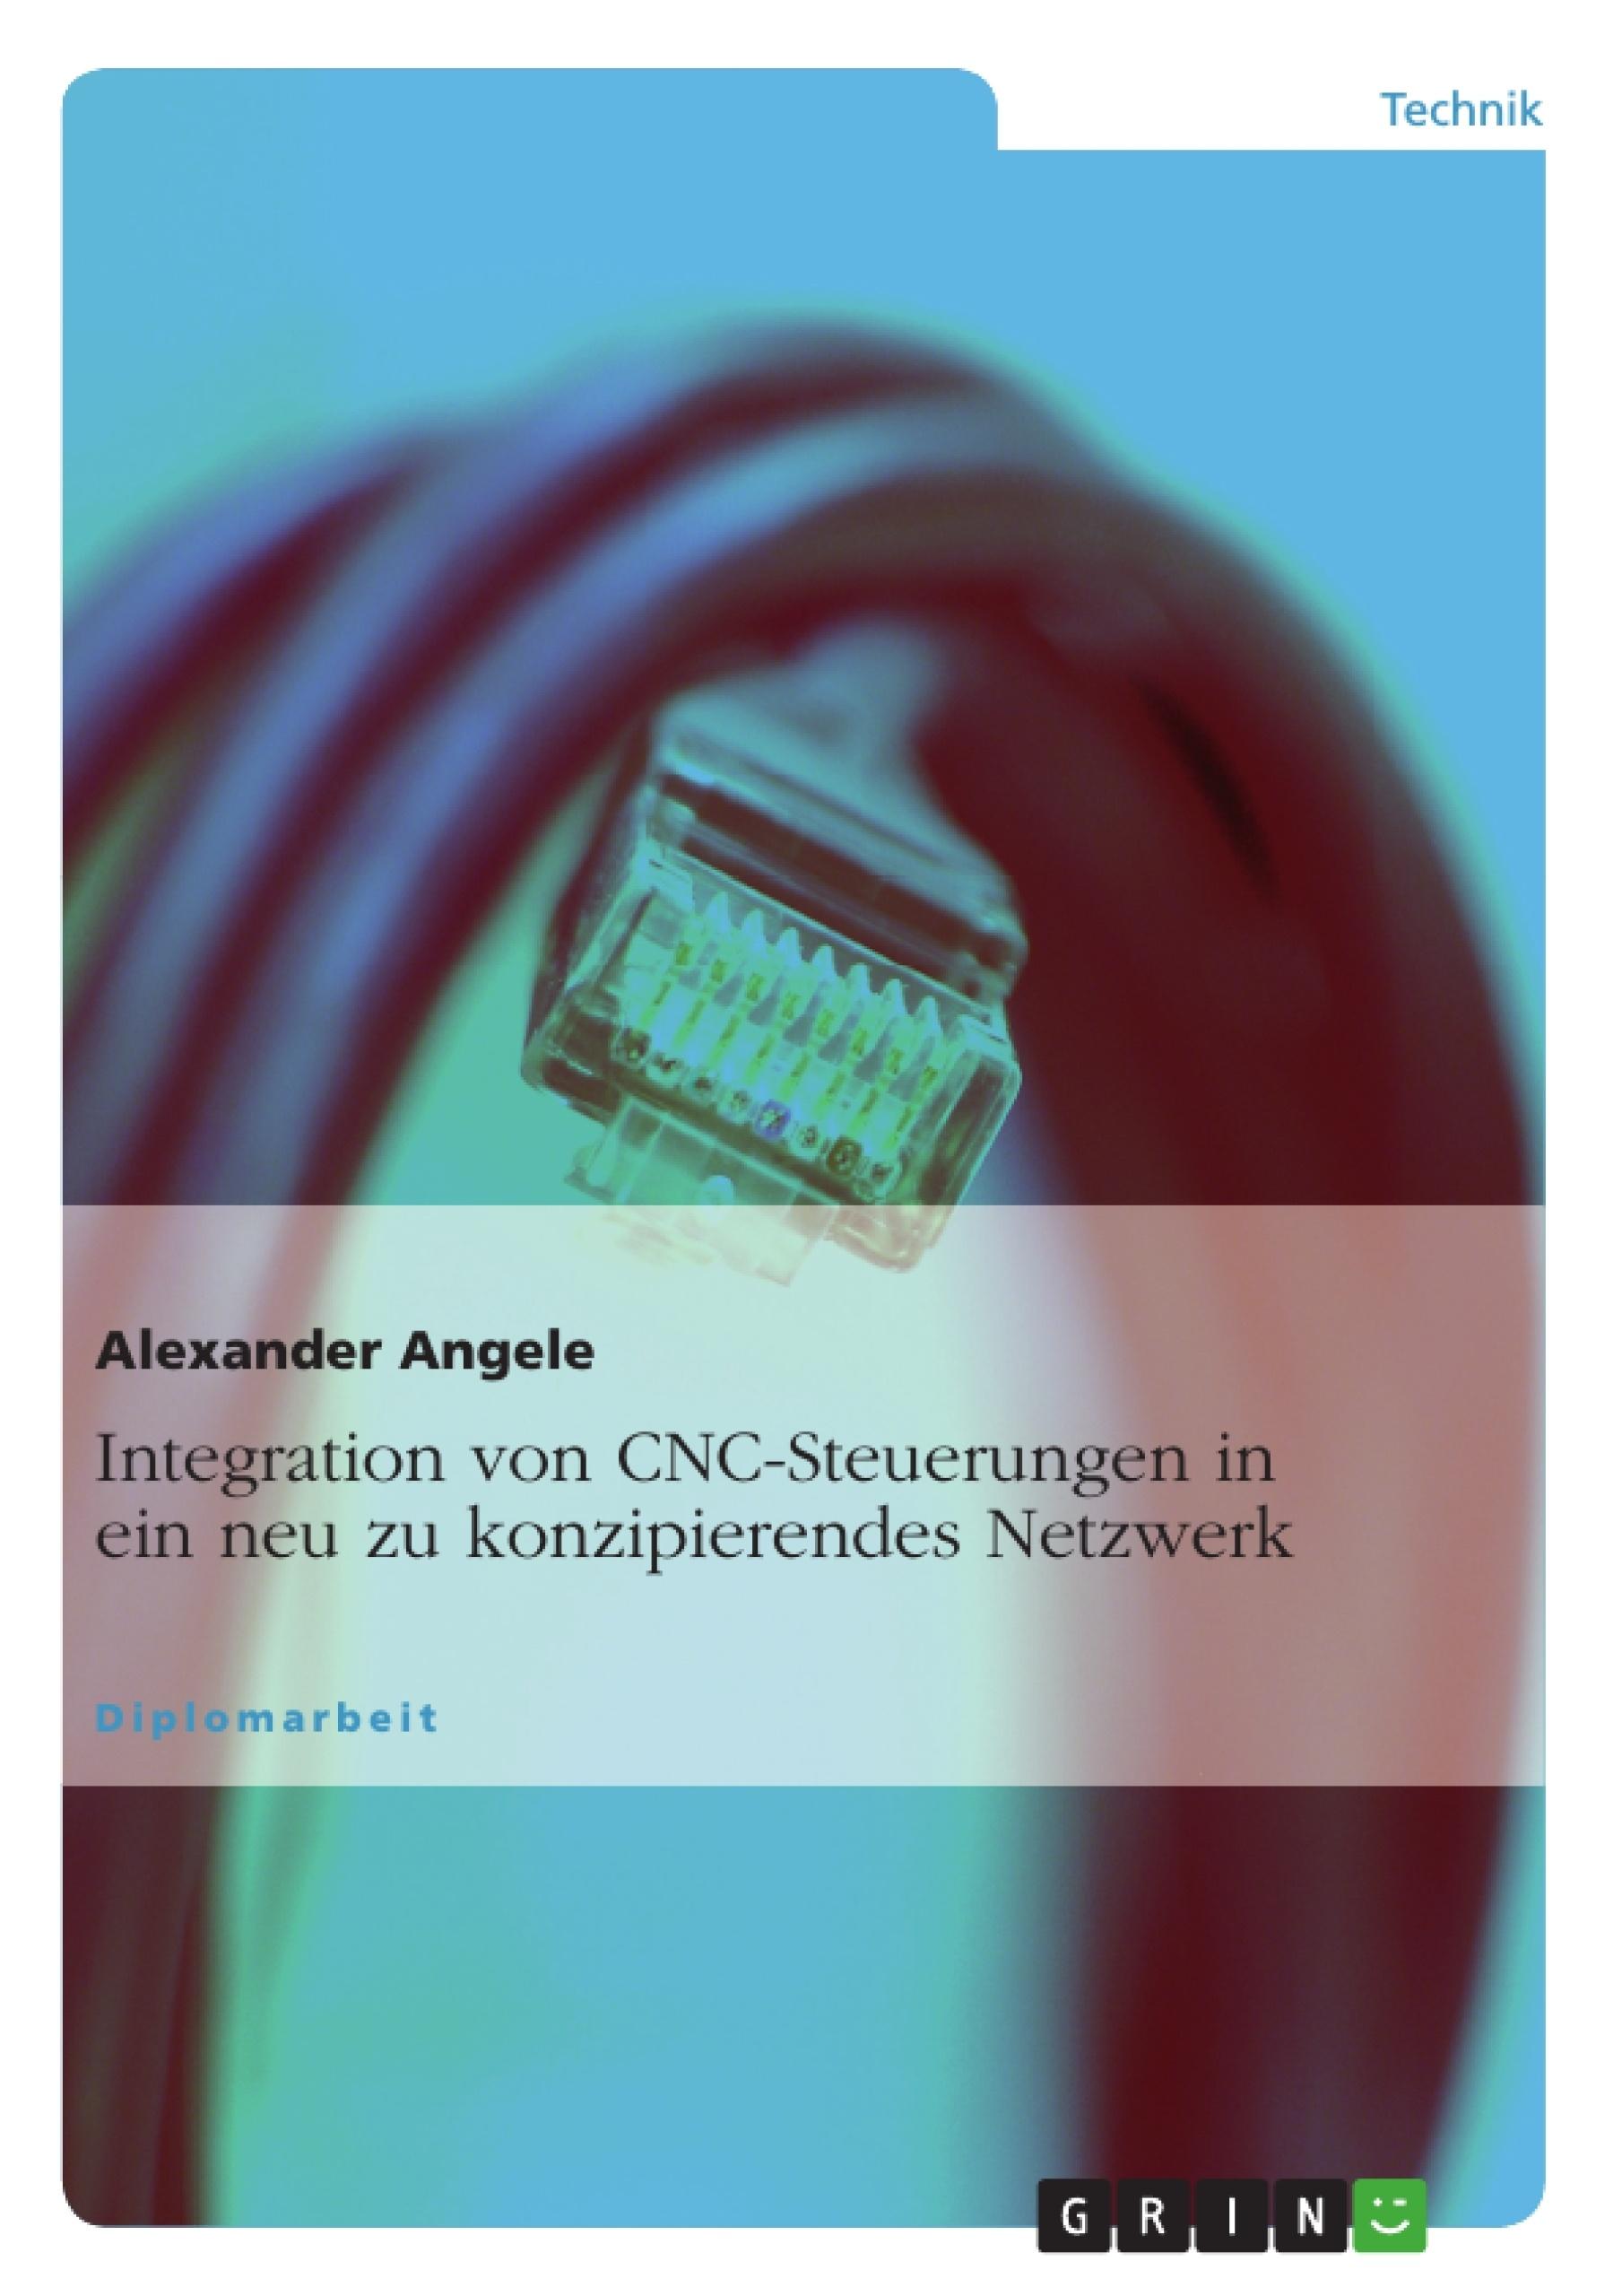 Titel: Integration von CNC-Steuerungen in ein neu zu konzipierendes Netzwerk